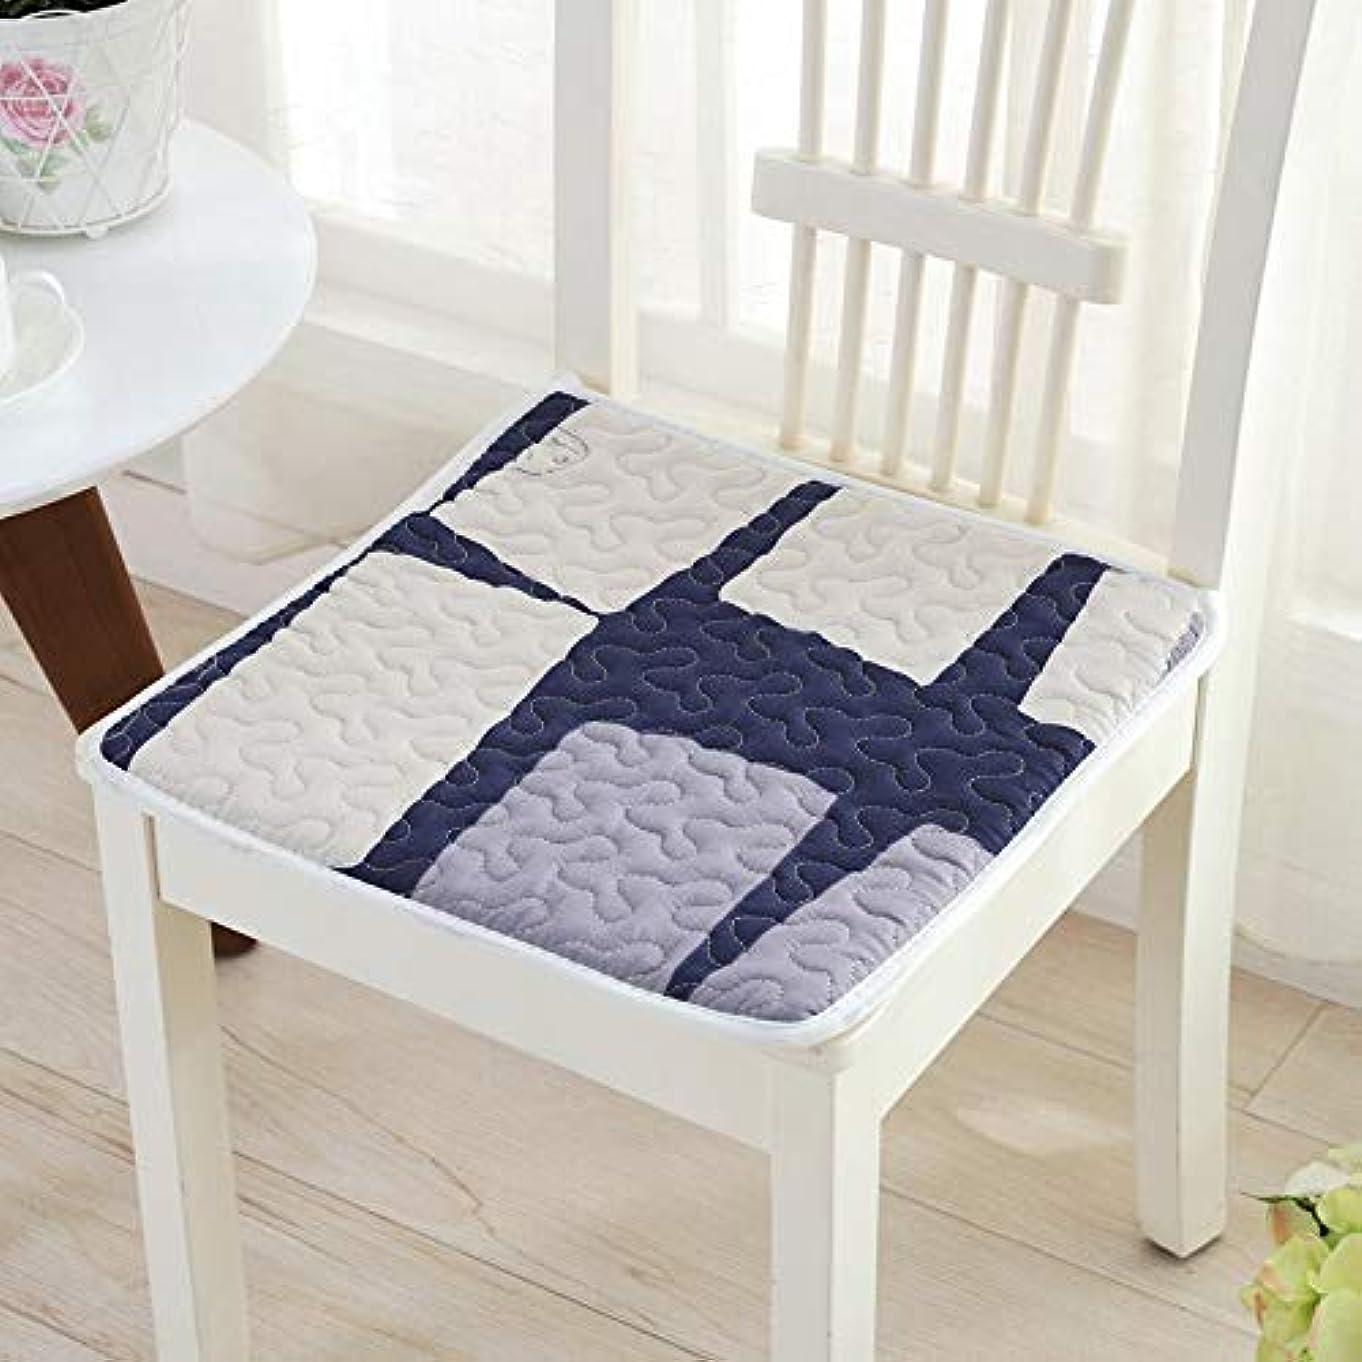 月曜日進行中レビュアーLIFE 現代スーパーソフト椅子クッション非スリップシートクッションマットソファホームデコレーションバッククッションチェアパッド 40*40/45*45/50*50 センチメートル クッション 椅子